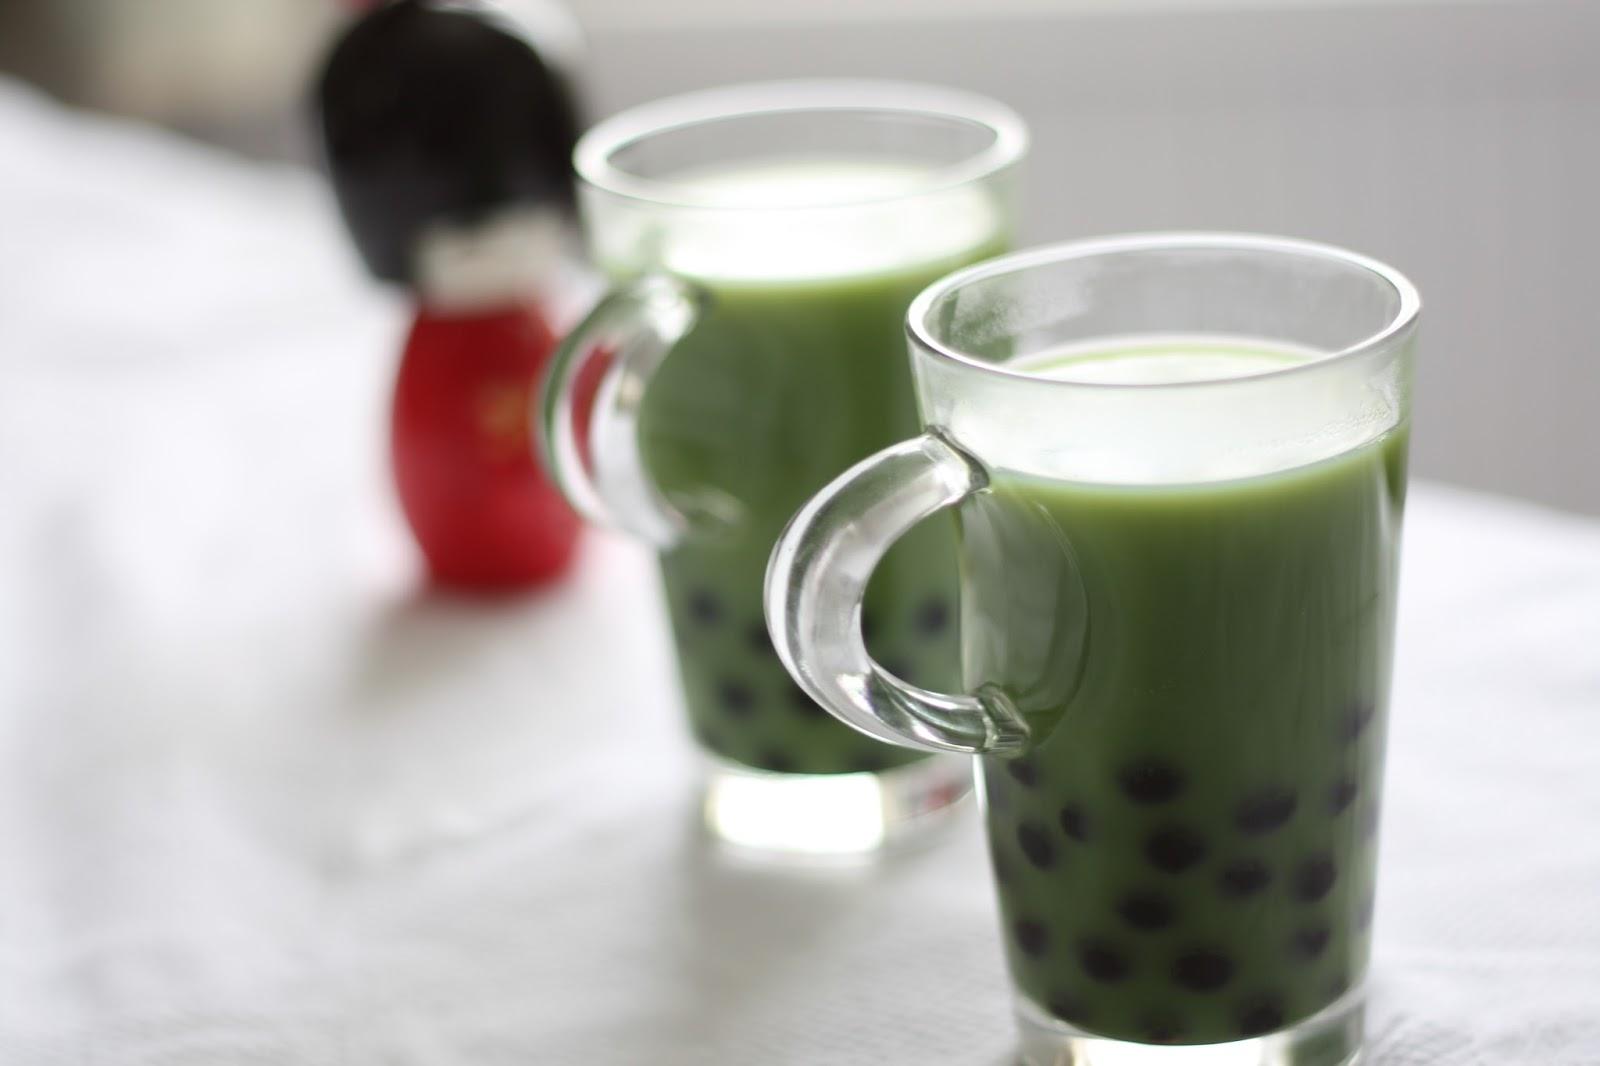 tổng hợp các công thức pha trà sữa 9 tổng hợp các công thức pha trà sữa Tổng hợp các công thức pha trà sữa tuyệt ngon (Phần 1) tong hop cac cong thuc pha tra sua 9